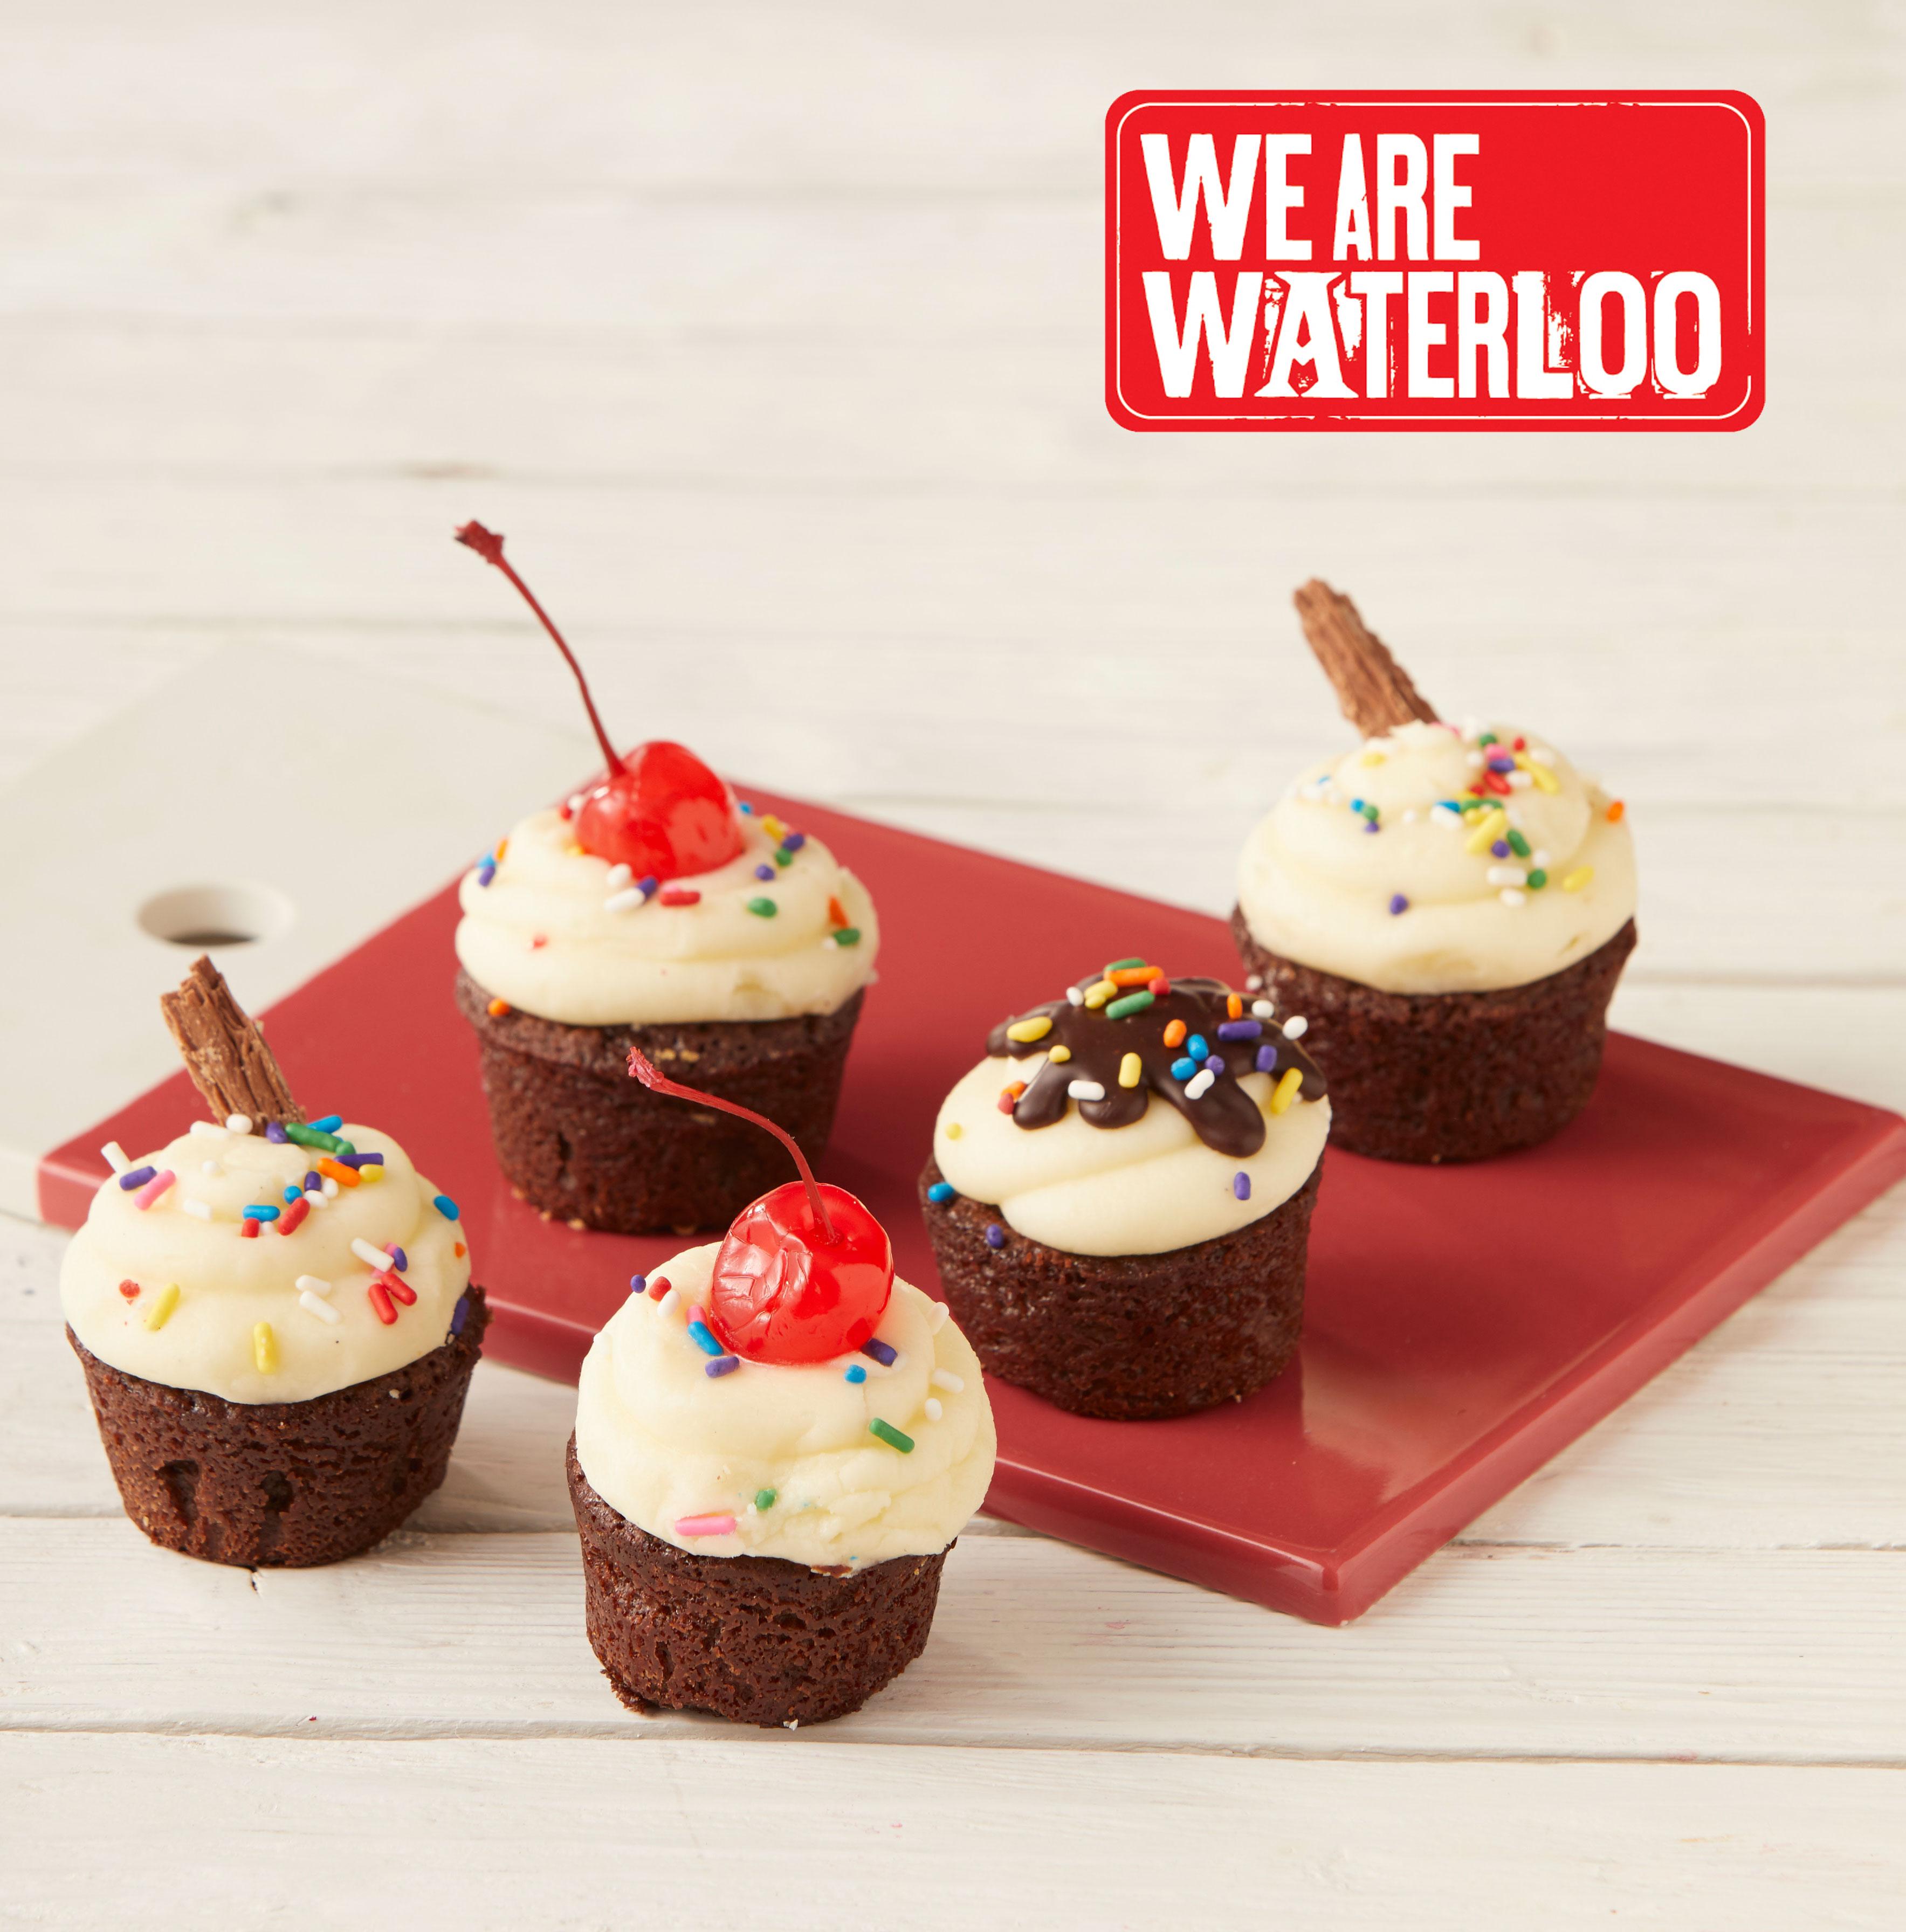 Waterloo Food Month Cake Lock-In